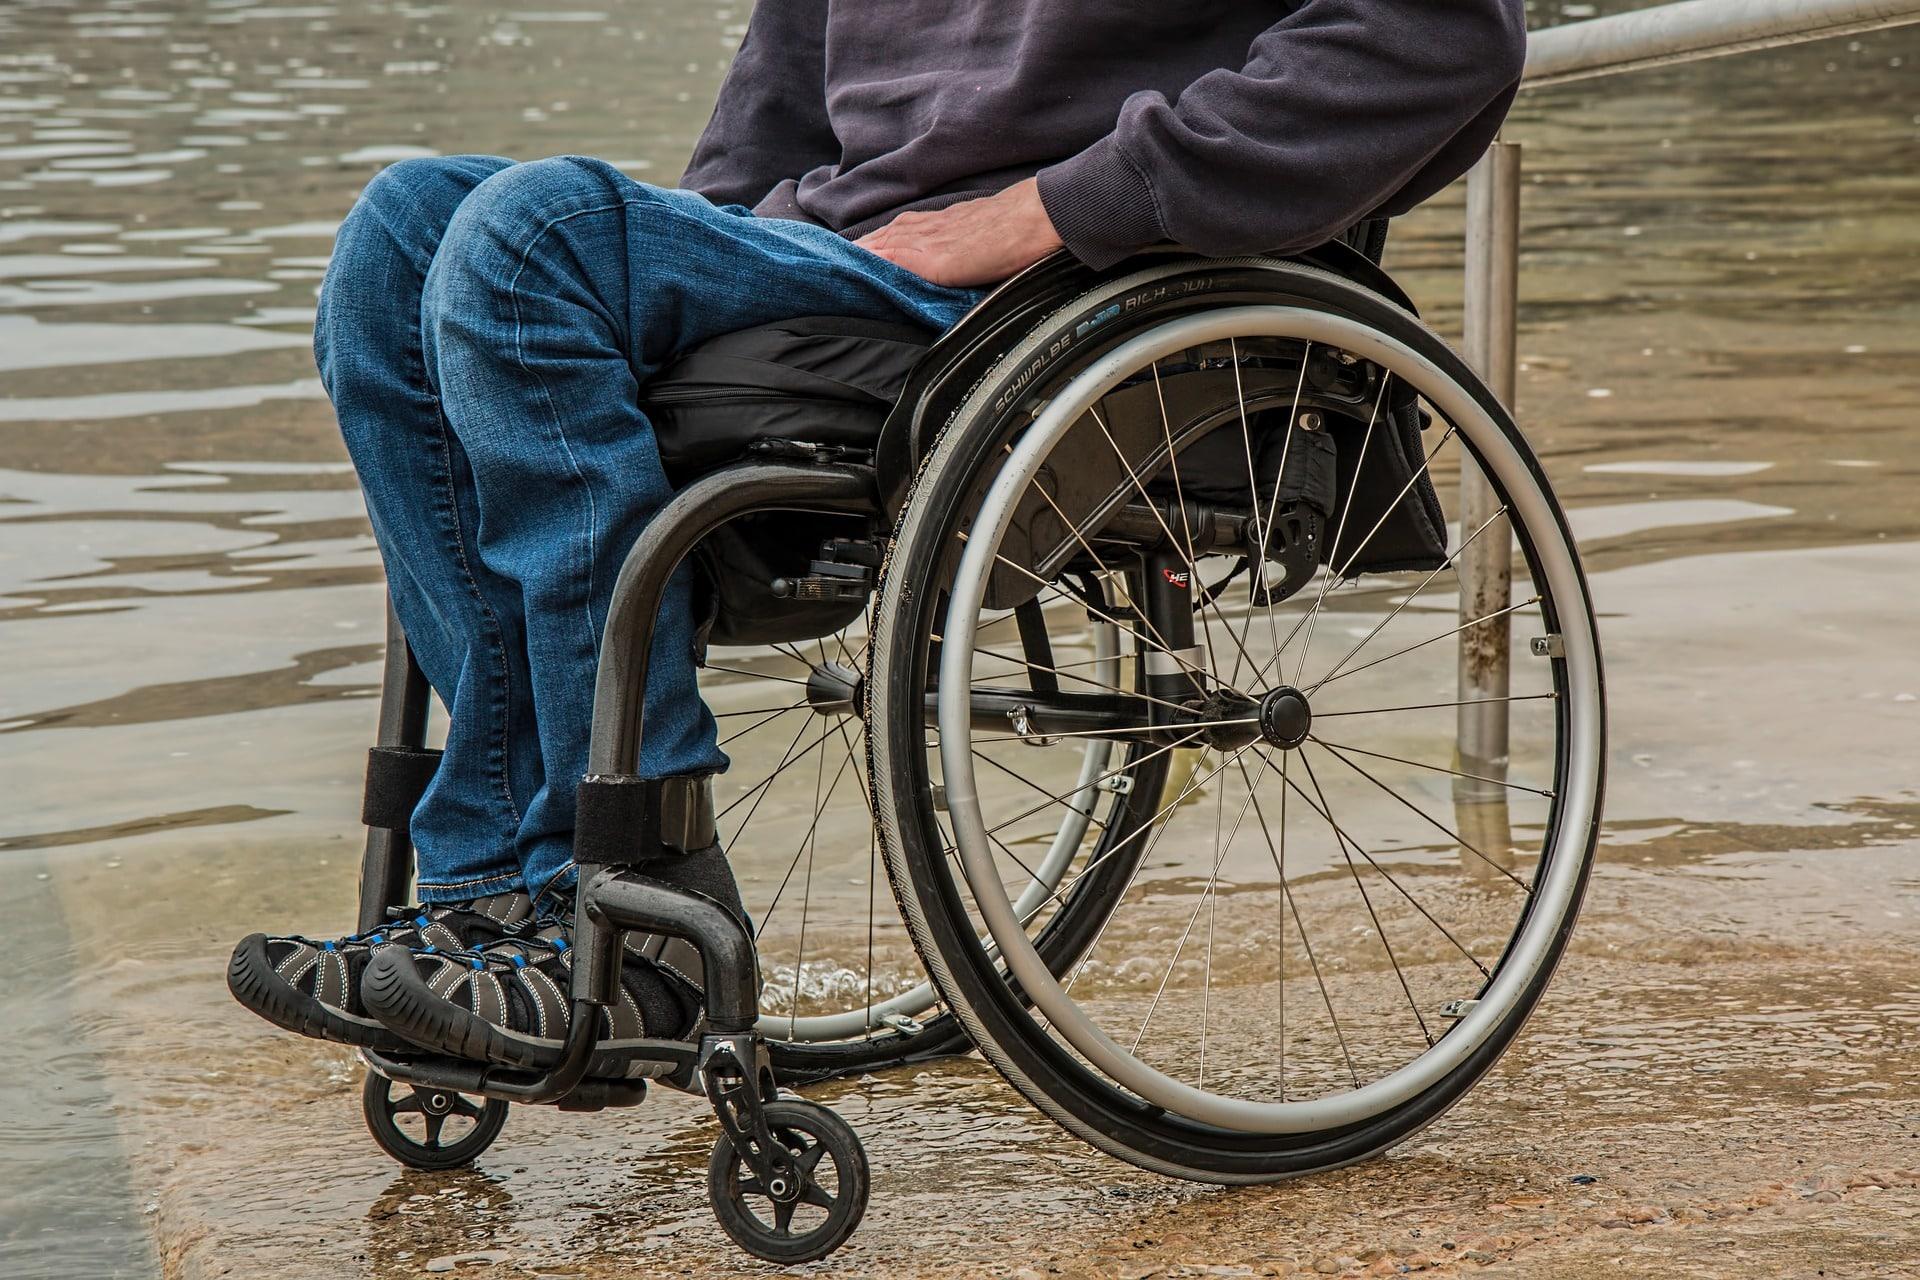 Volontariato internazionale in Belgio in un centro per disabili